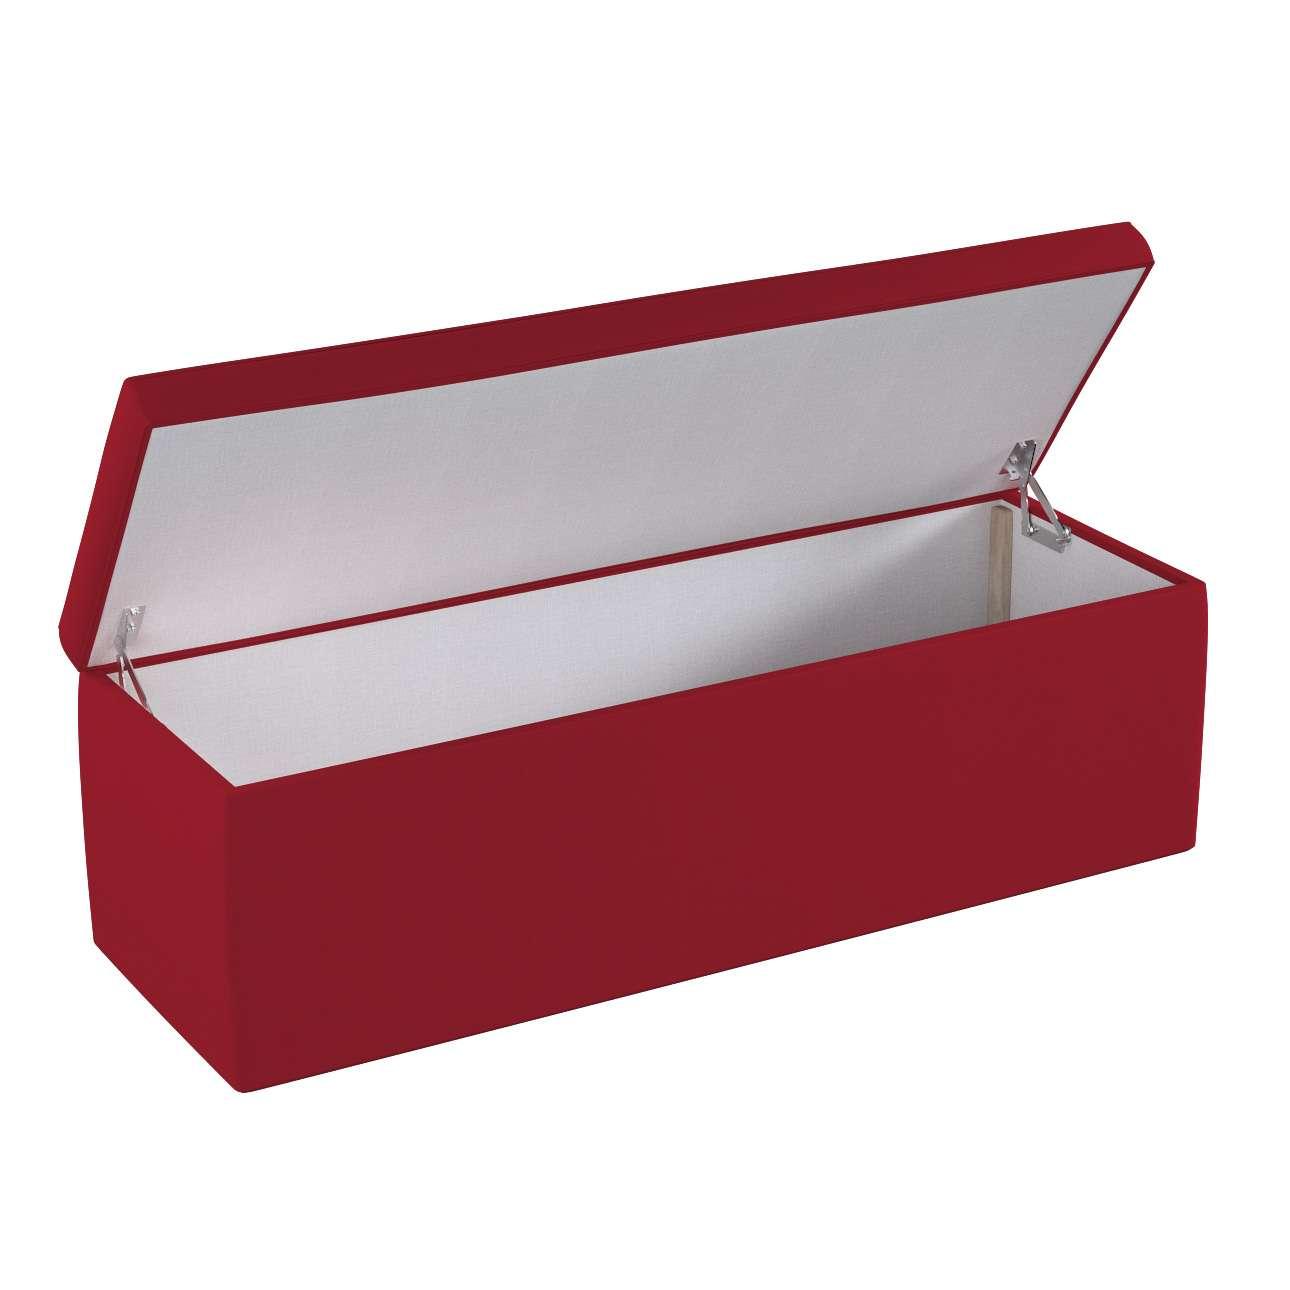 Dežė/skrynia/daiktadėžė 90 × 40 × 40 cm kolekcijoje Chenille, audinys: 702-24